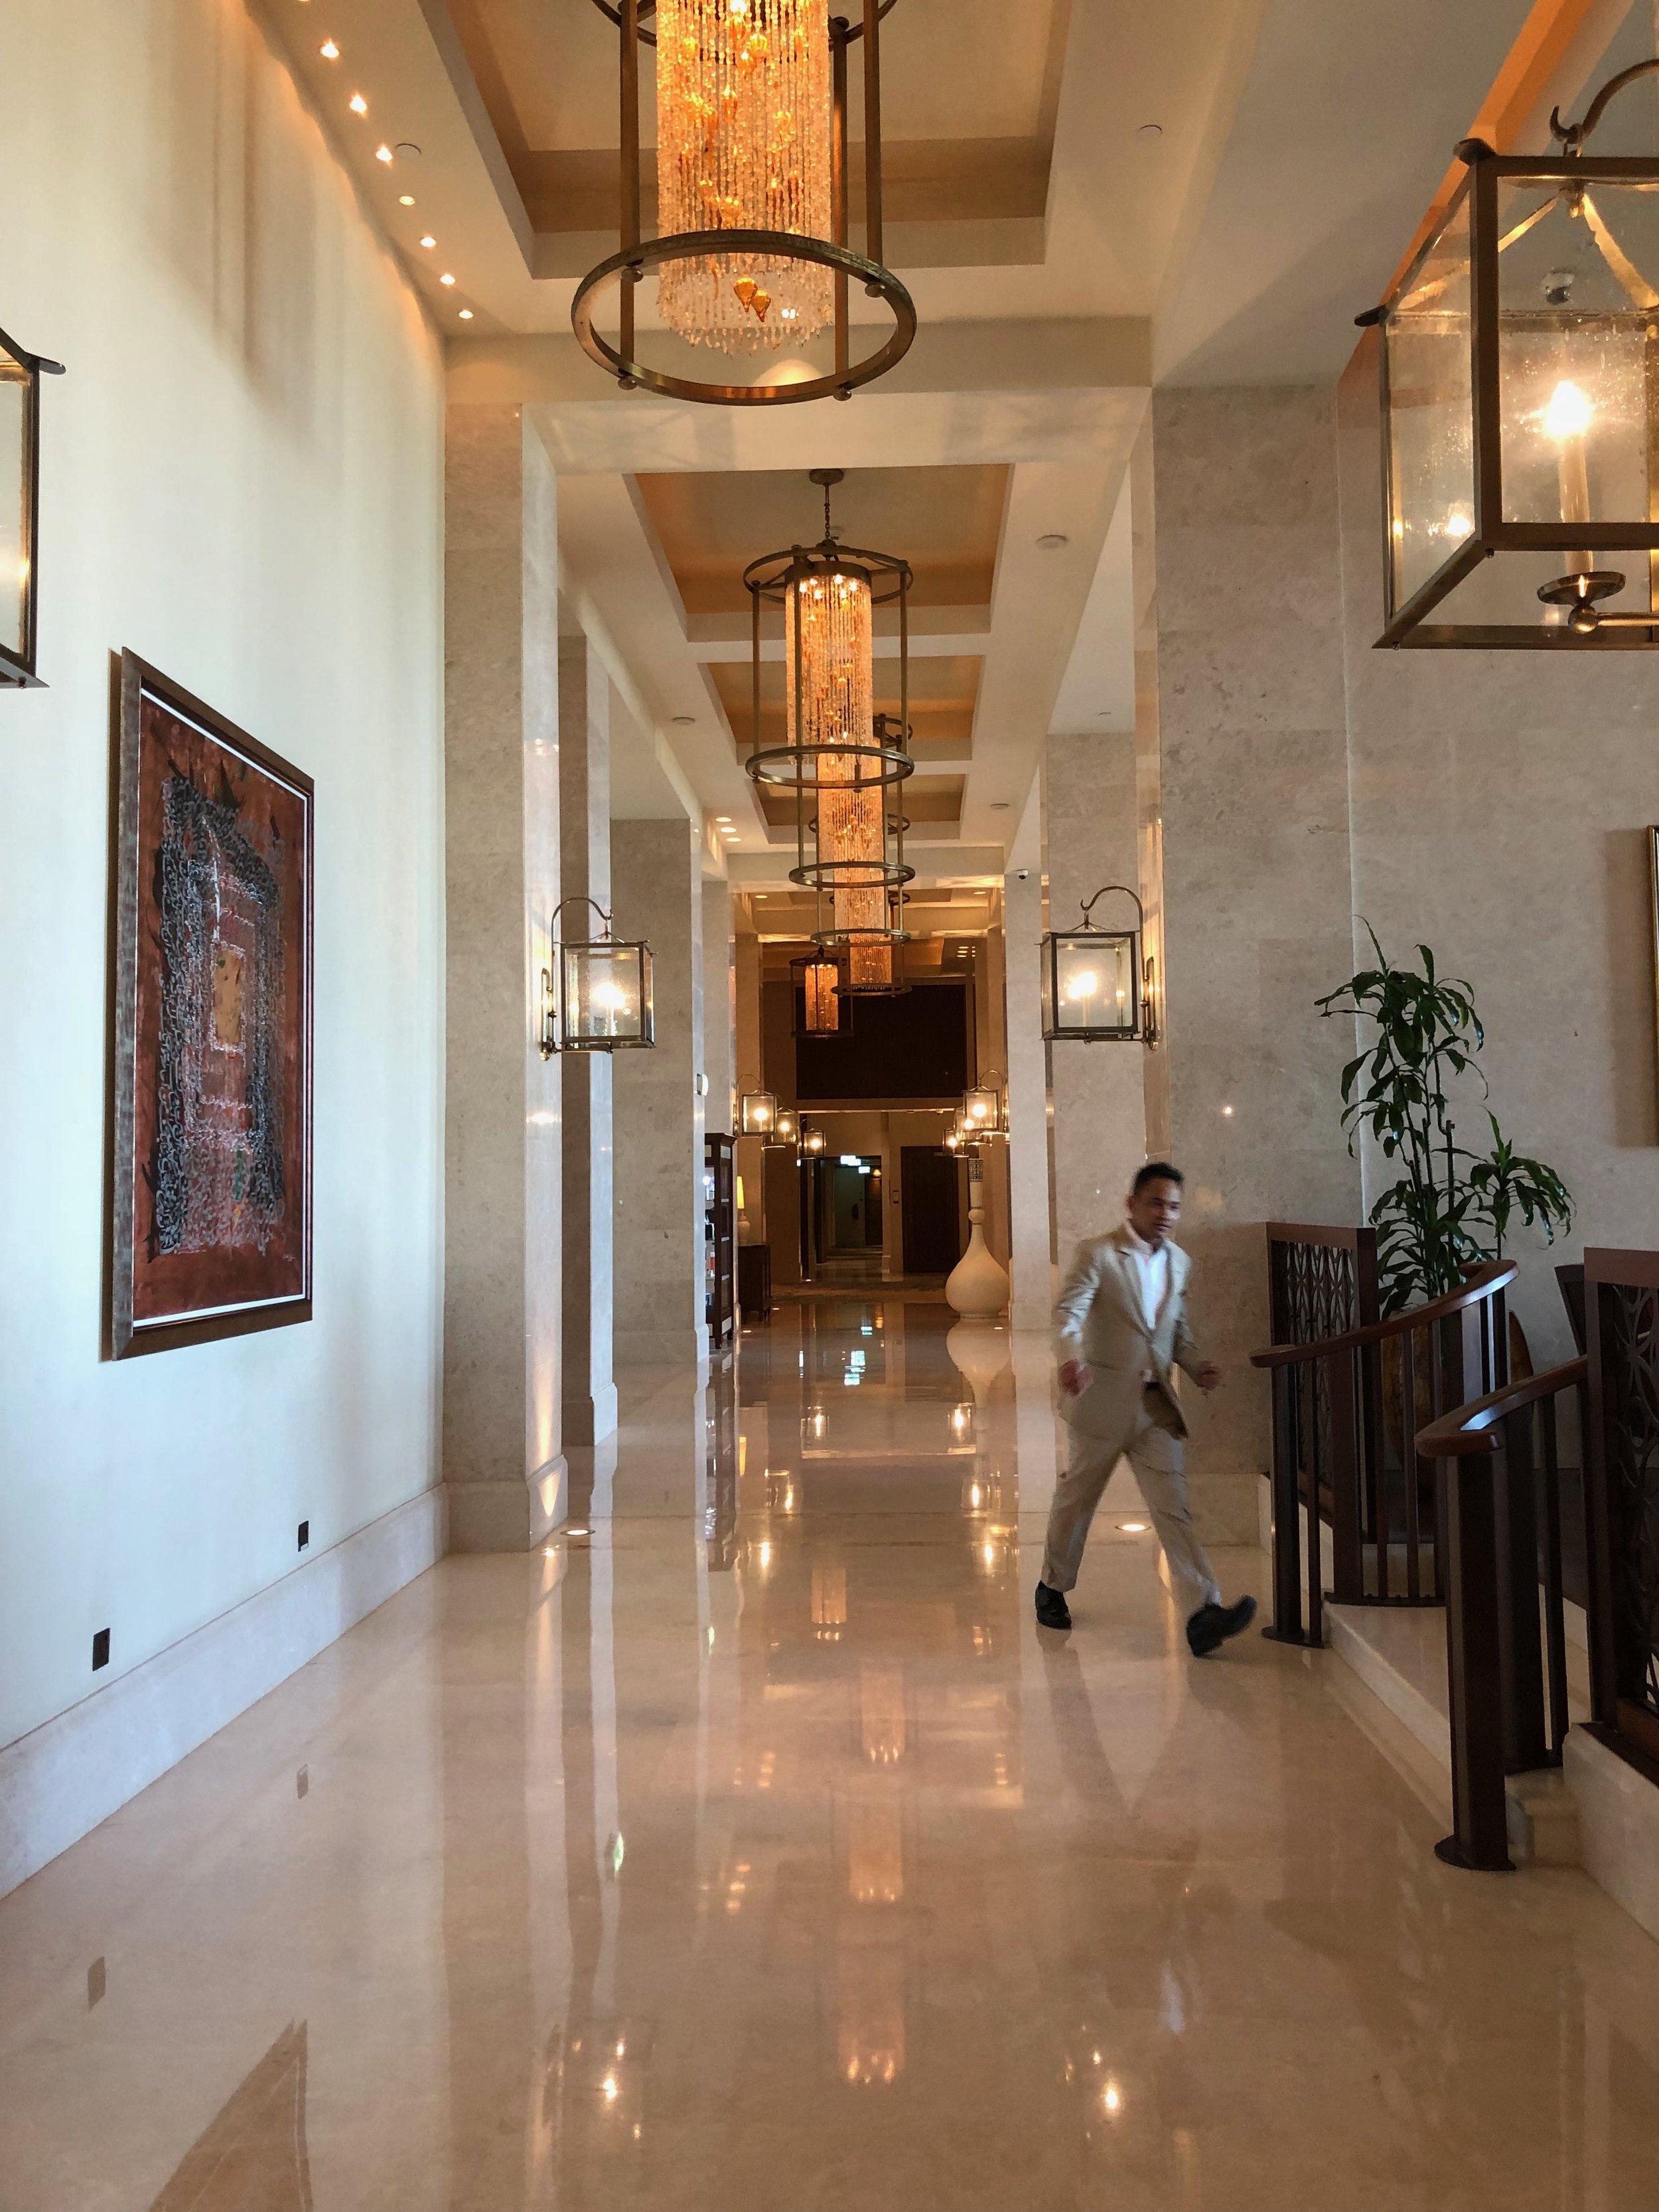 lobby at St. Regis hotel, Saadiyat Island, Abu Dhabi.jpg